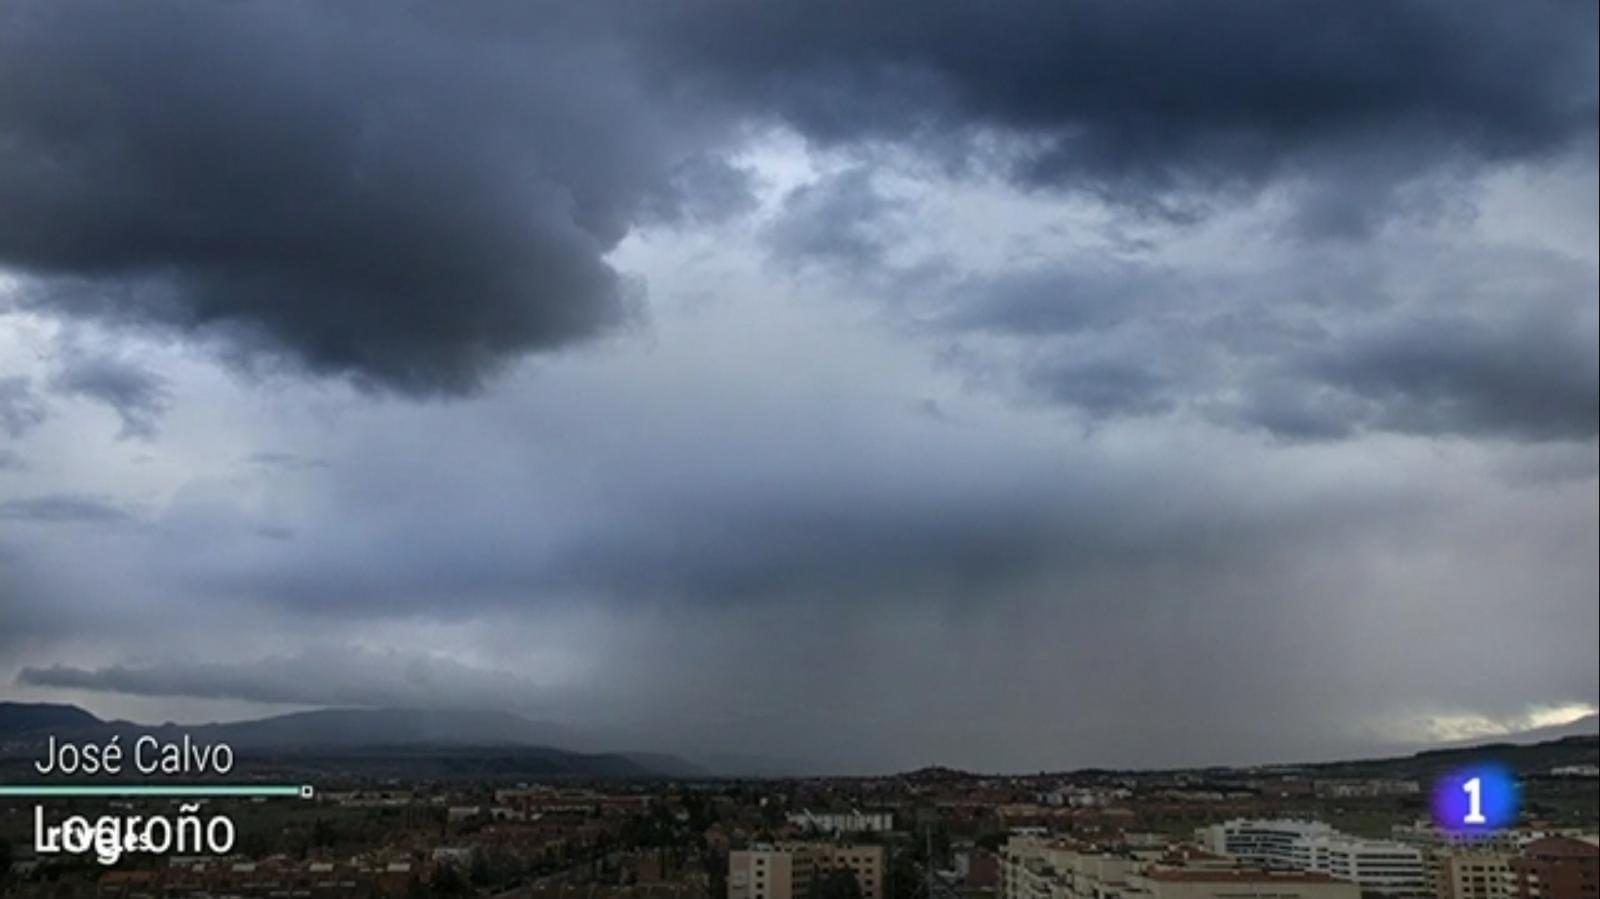 Chubasco en Logroño. El Tiempo de TVE1 0503 Meteosojuela